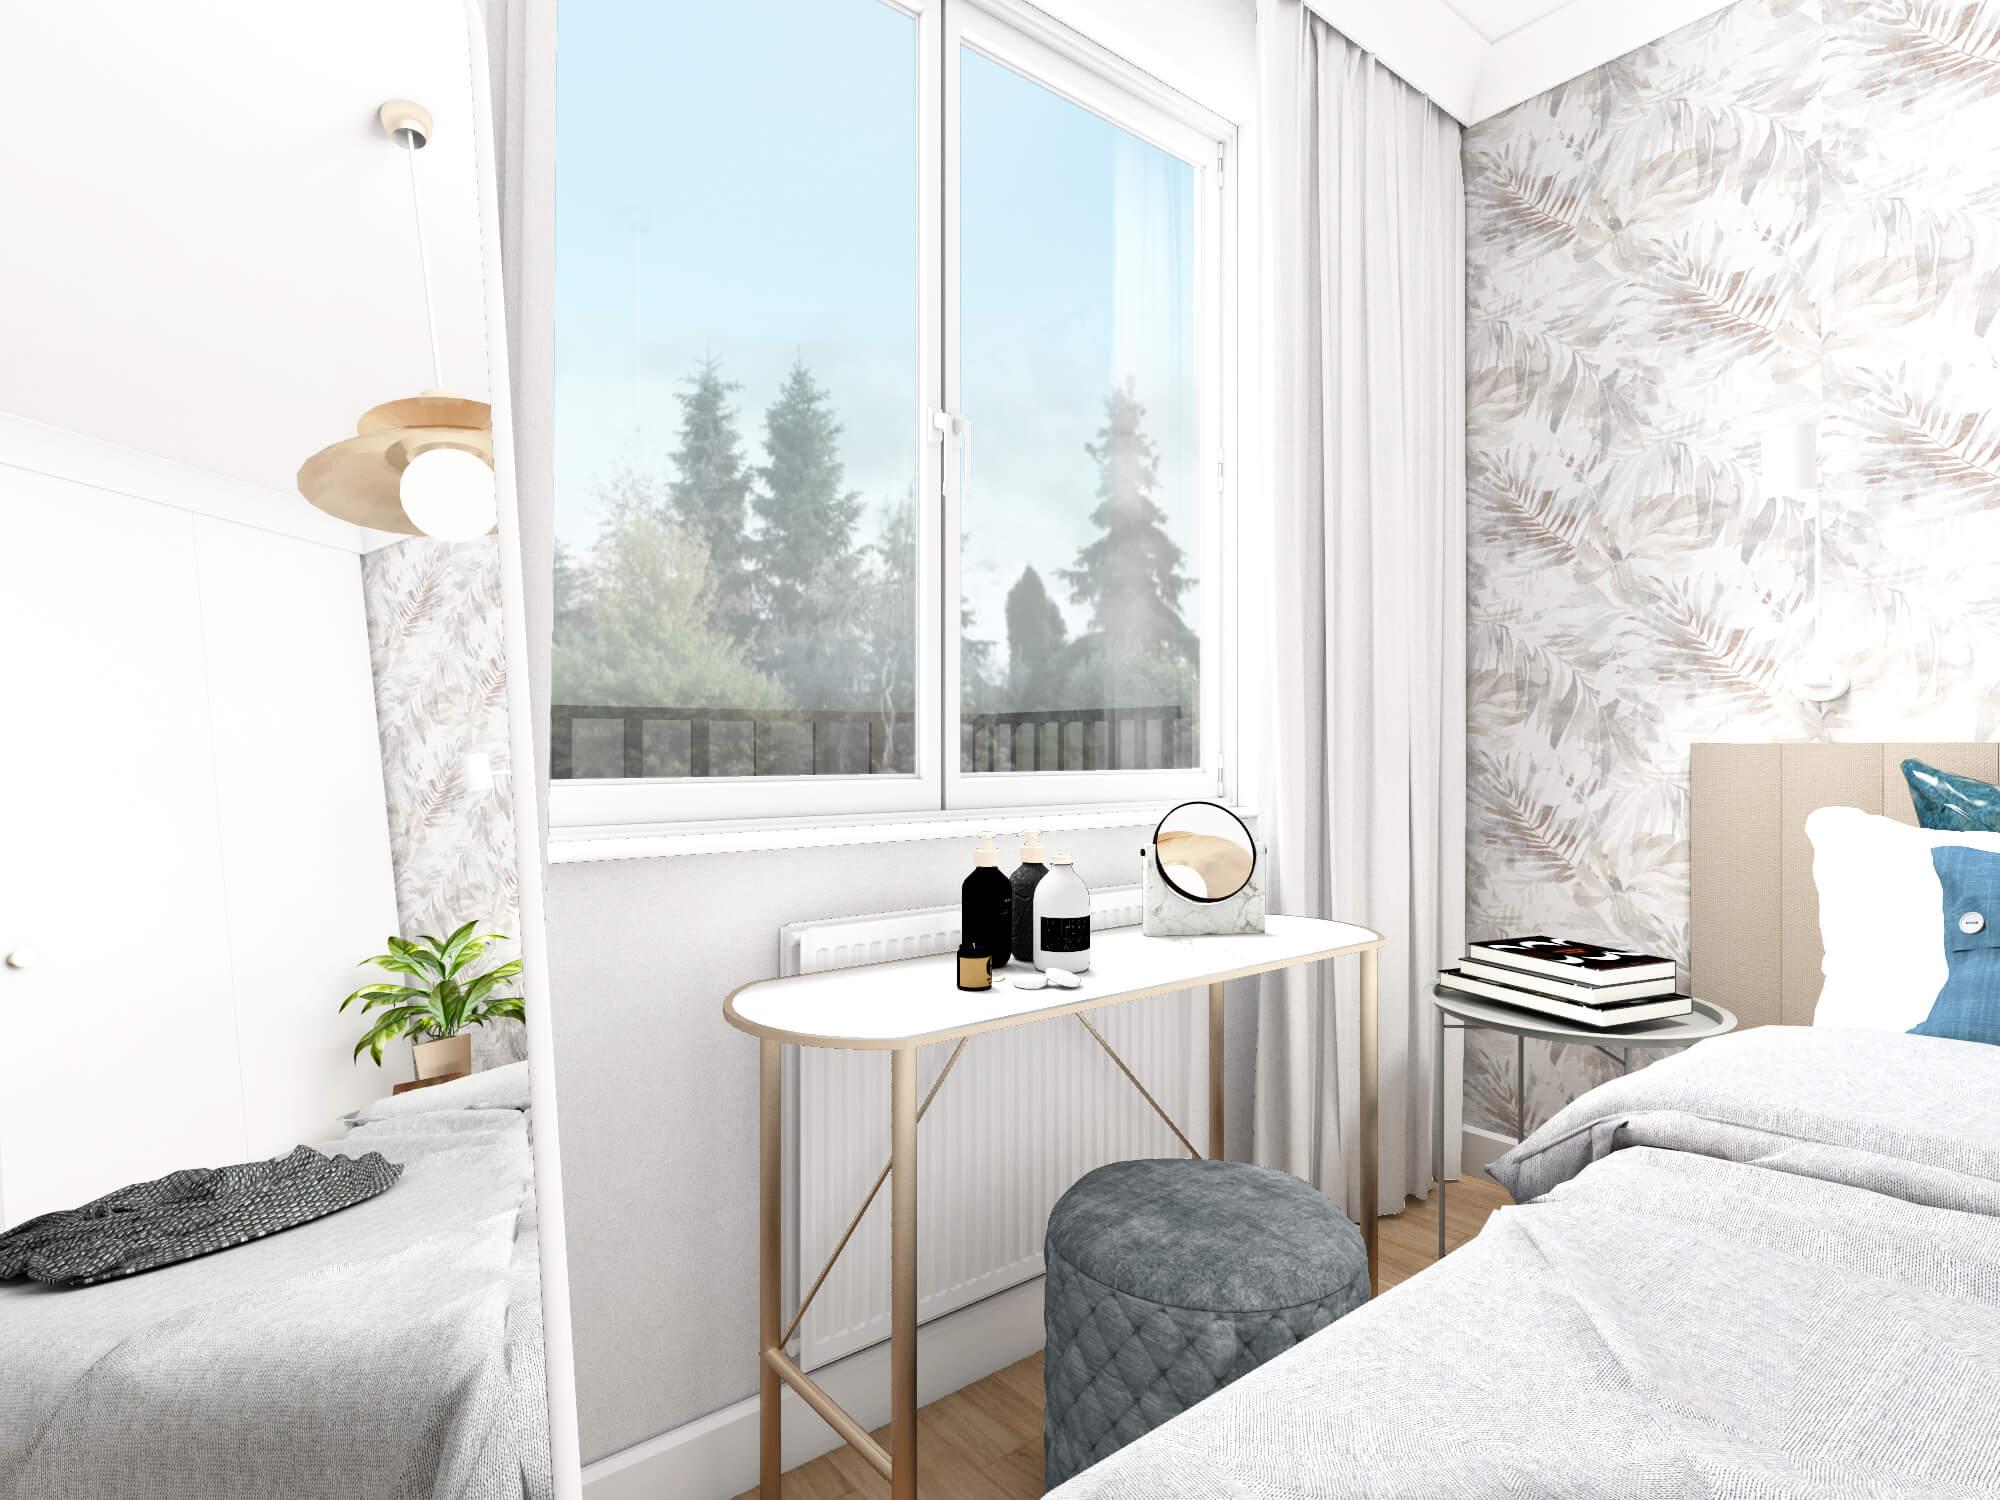 Sypialnia z toaletką przy oknie